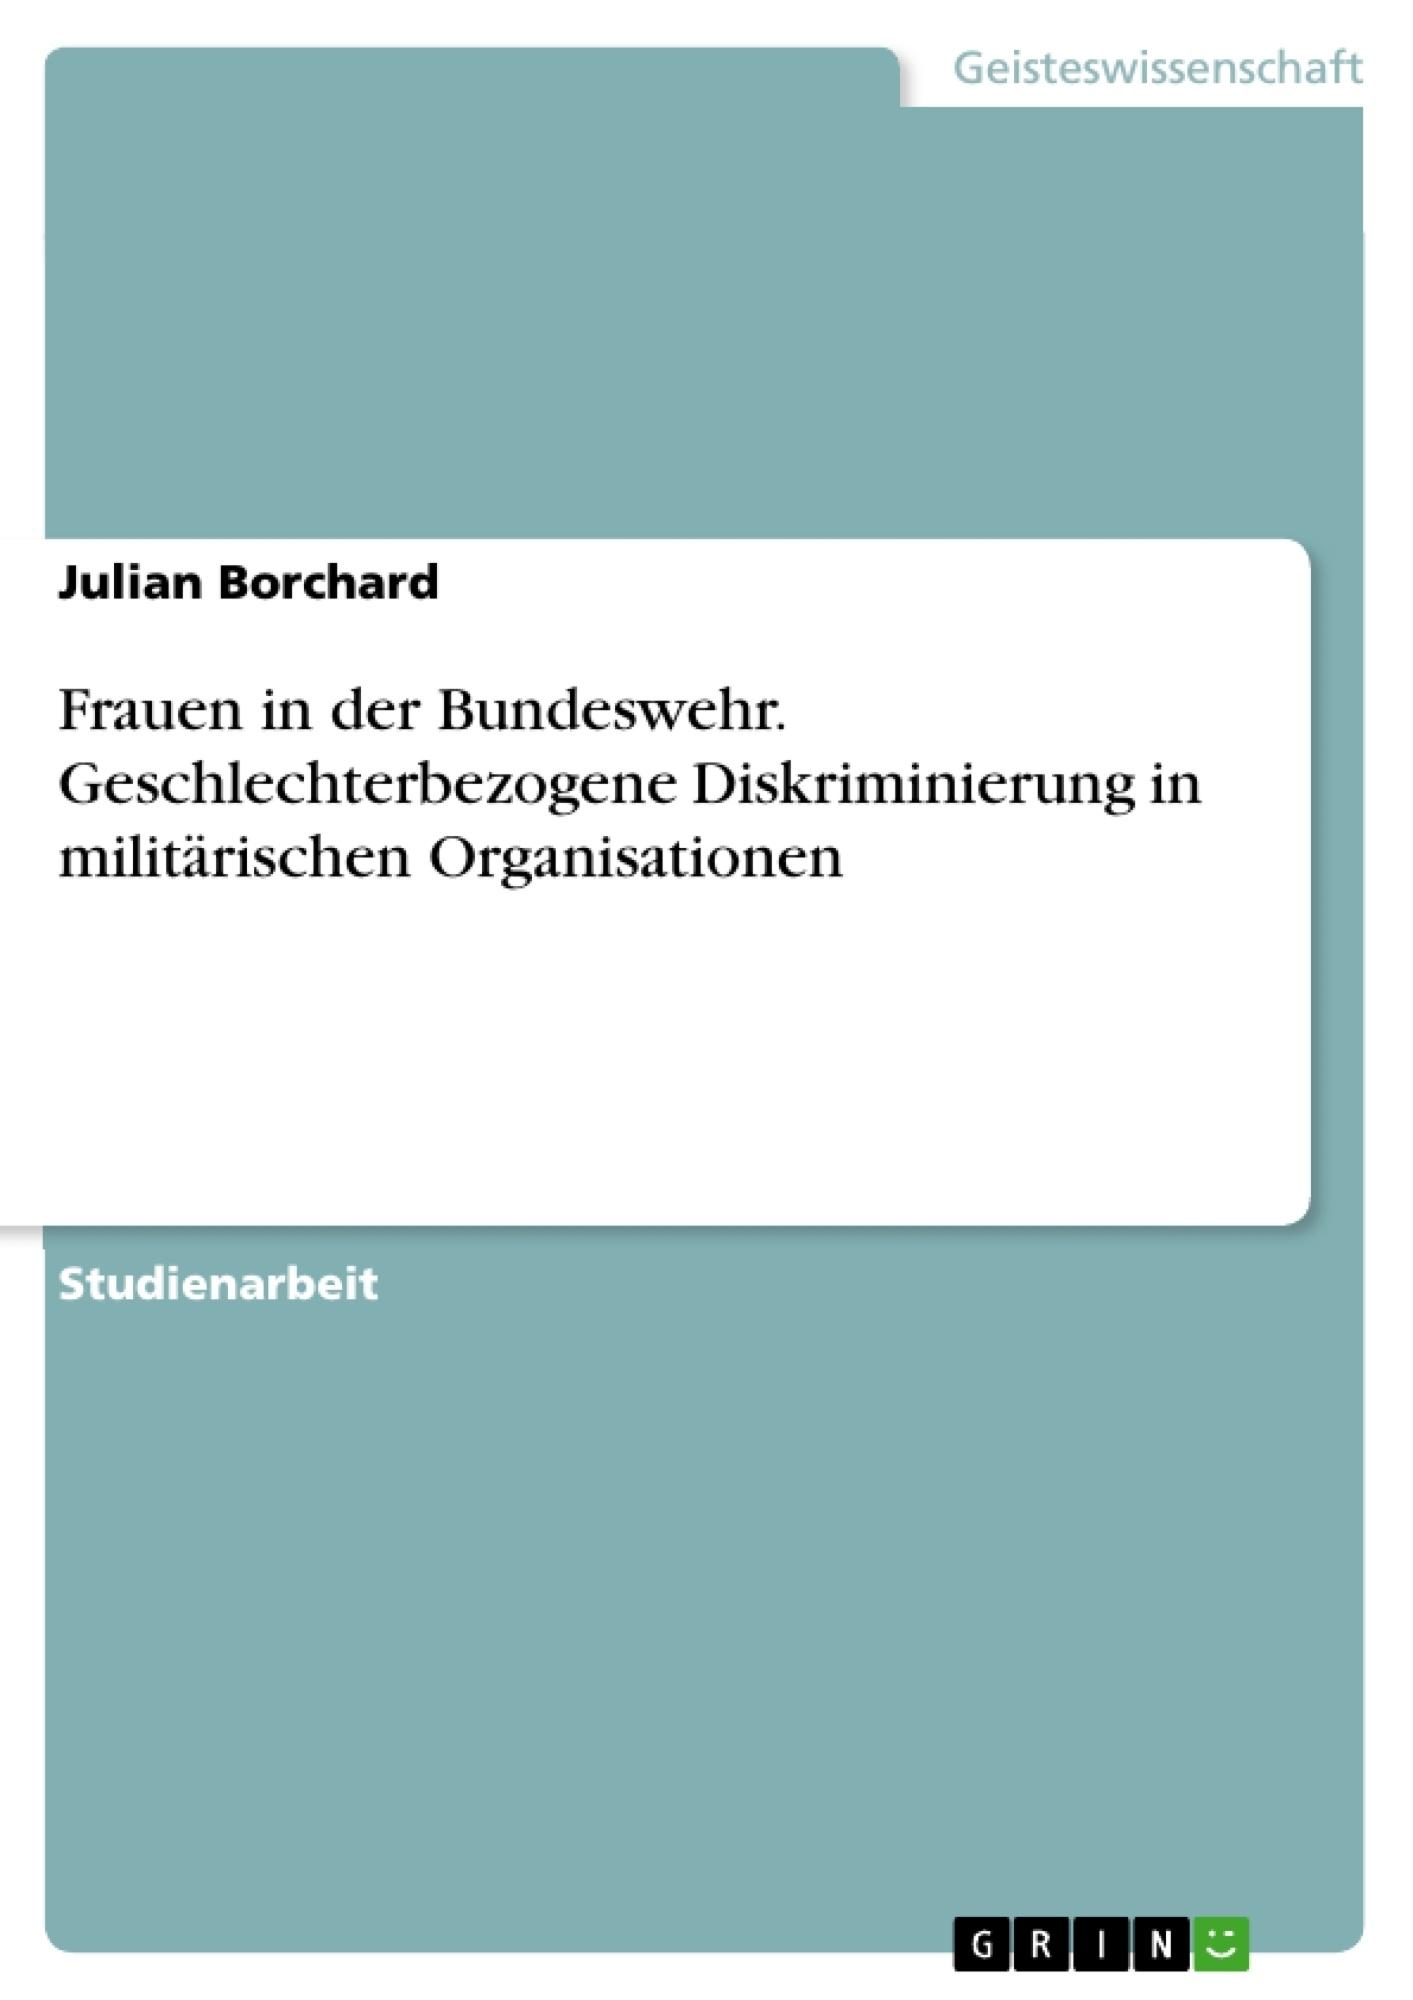 Titel: Frauen in der Bundeswehr. Geschlechterbezogene Diskriminierung in militärischen Organisationen